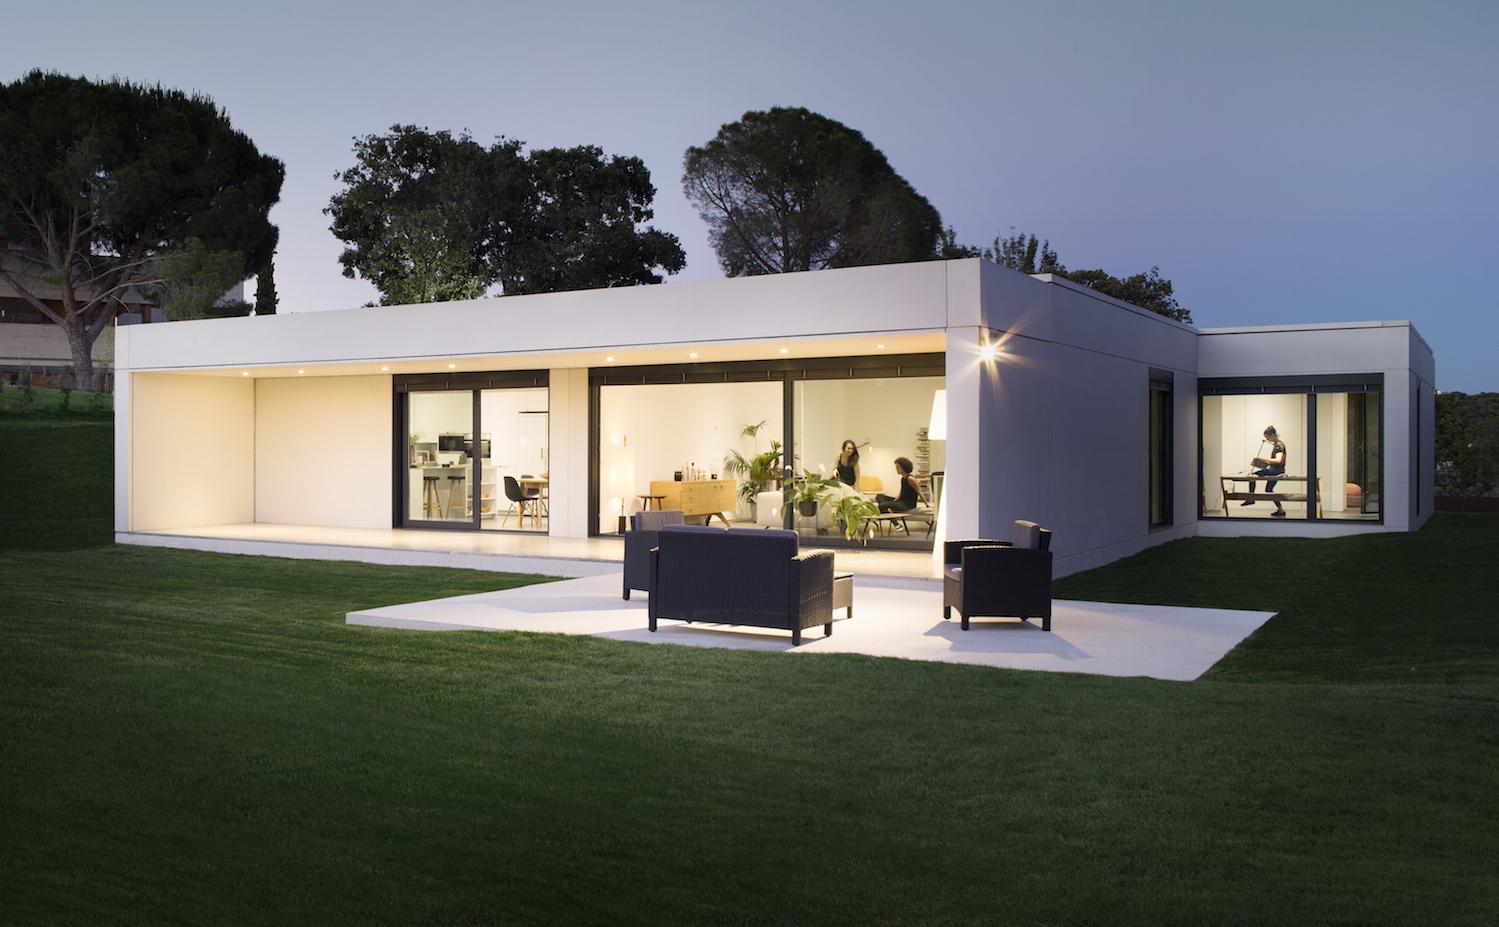 Casa prefabricada de dise o en las rozas madrid de homm - Casas modulares madrid ...